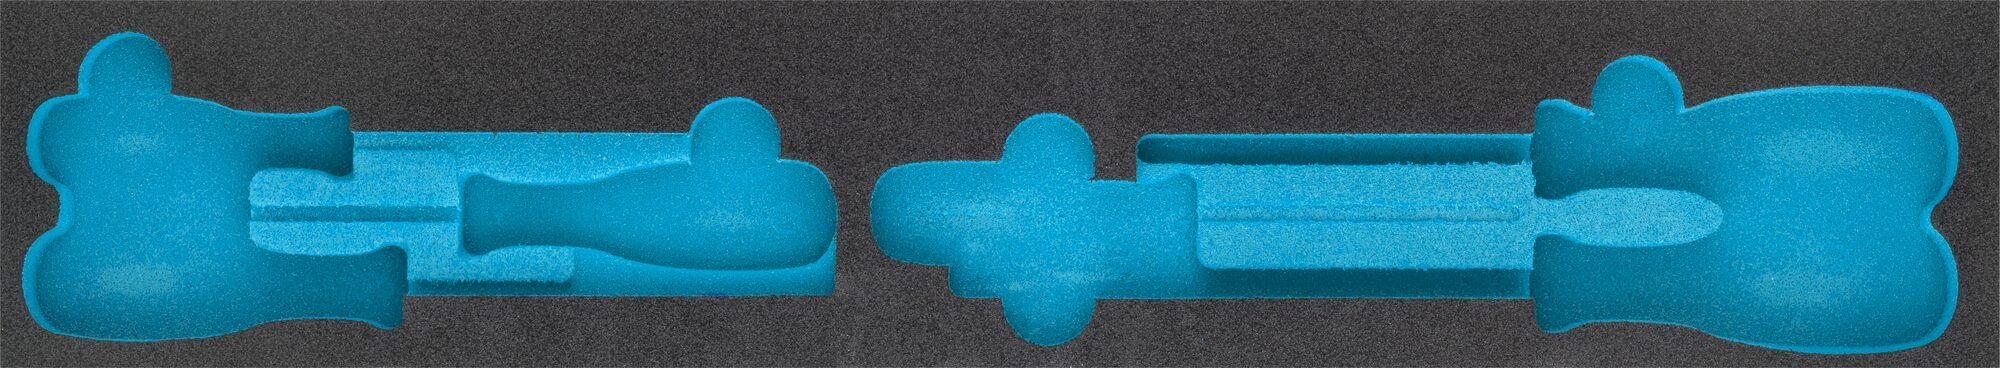 HAZET 2-Komponenten Weichschaum-Einlage 163-457L